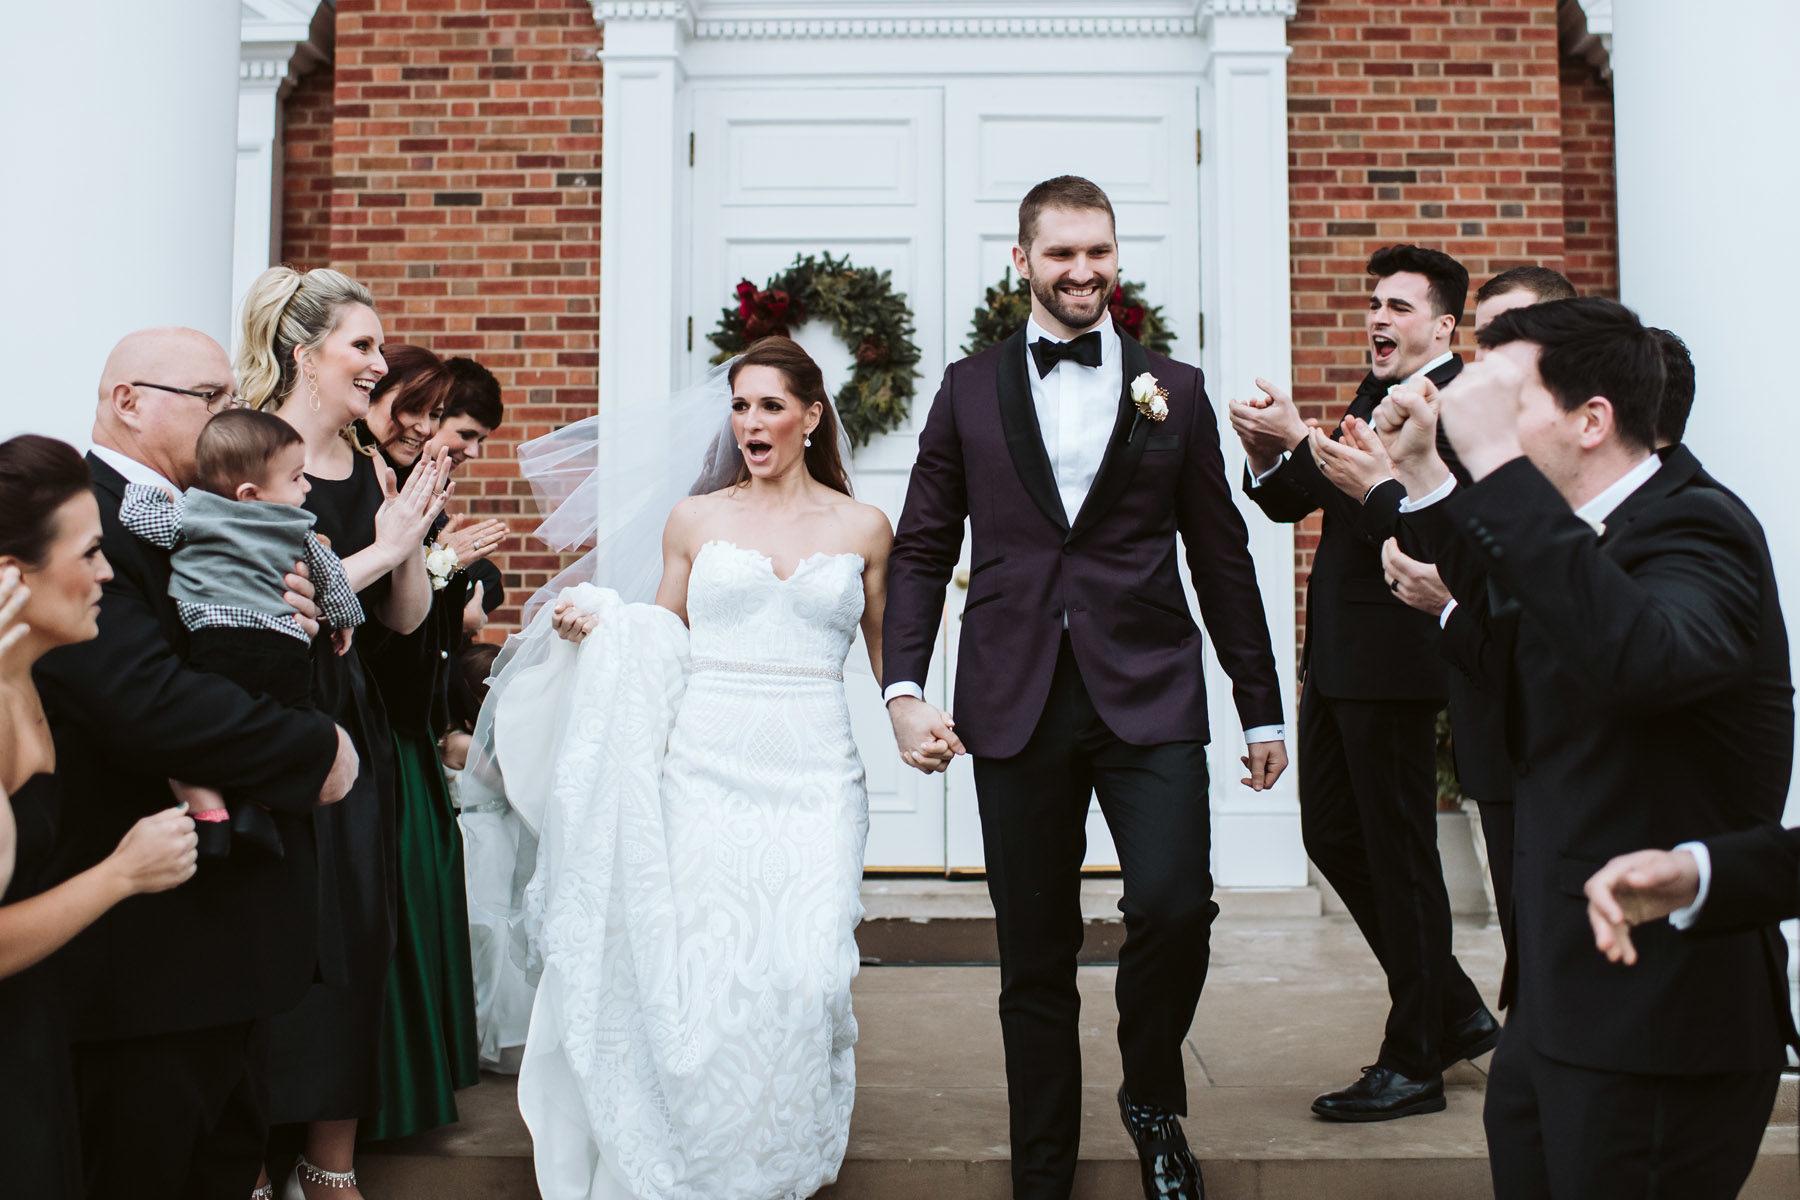 Lady of Perpetual Help Wedding